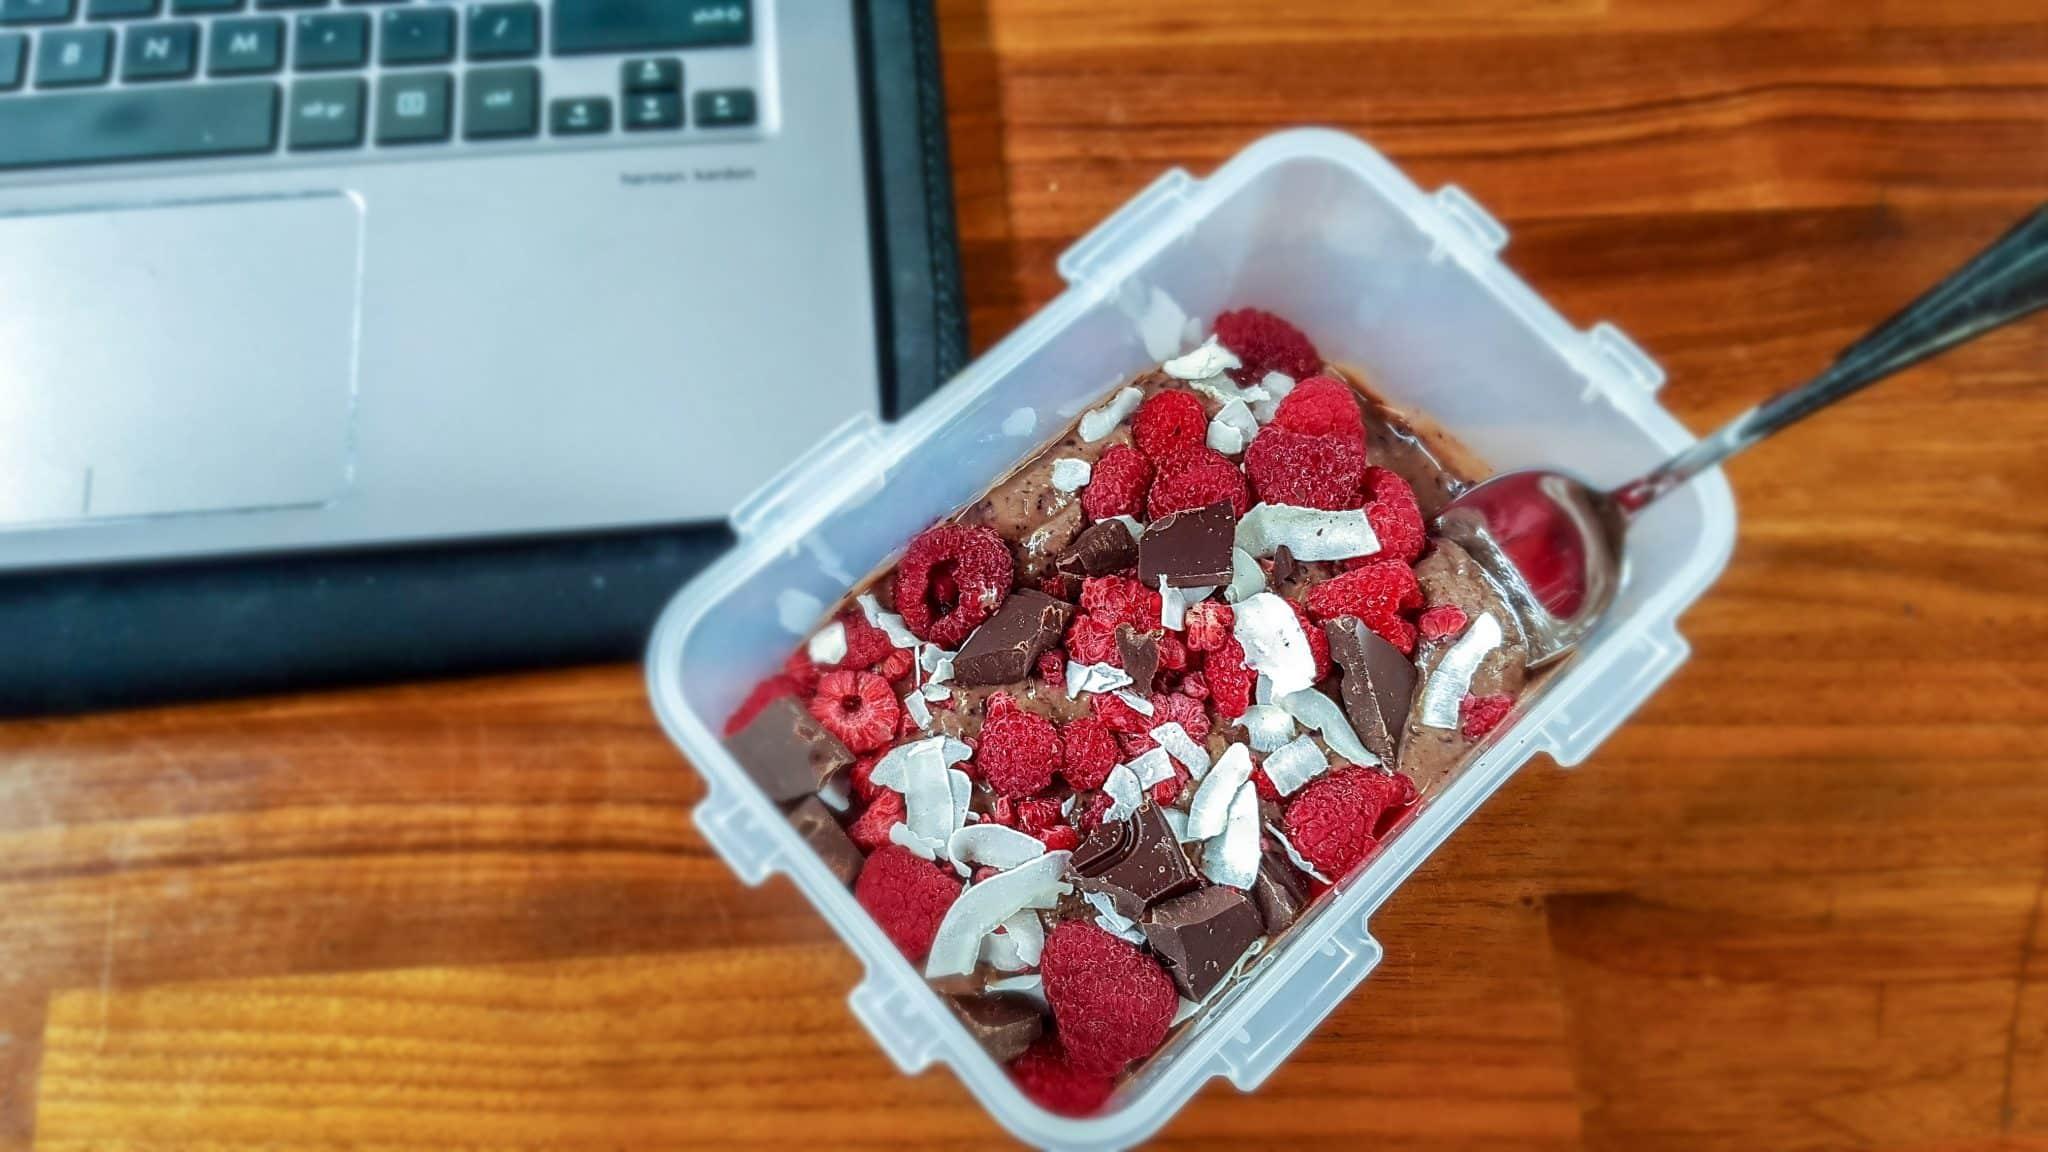 Is Fruit Gezond En Ook Als Je Wilt Afvallen